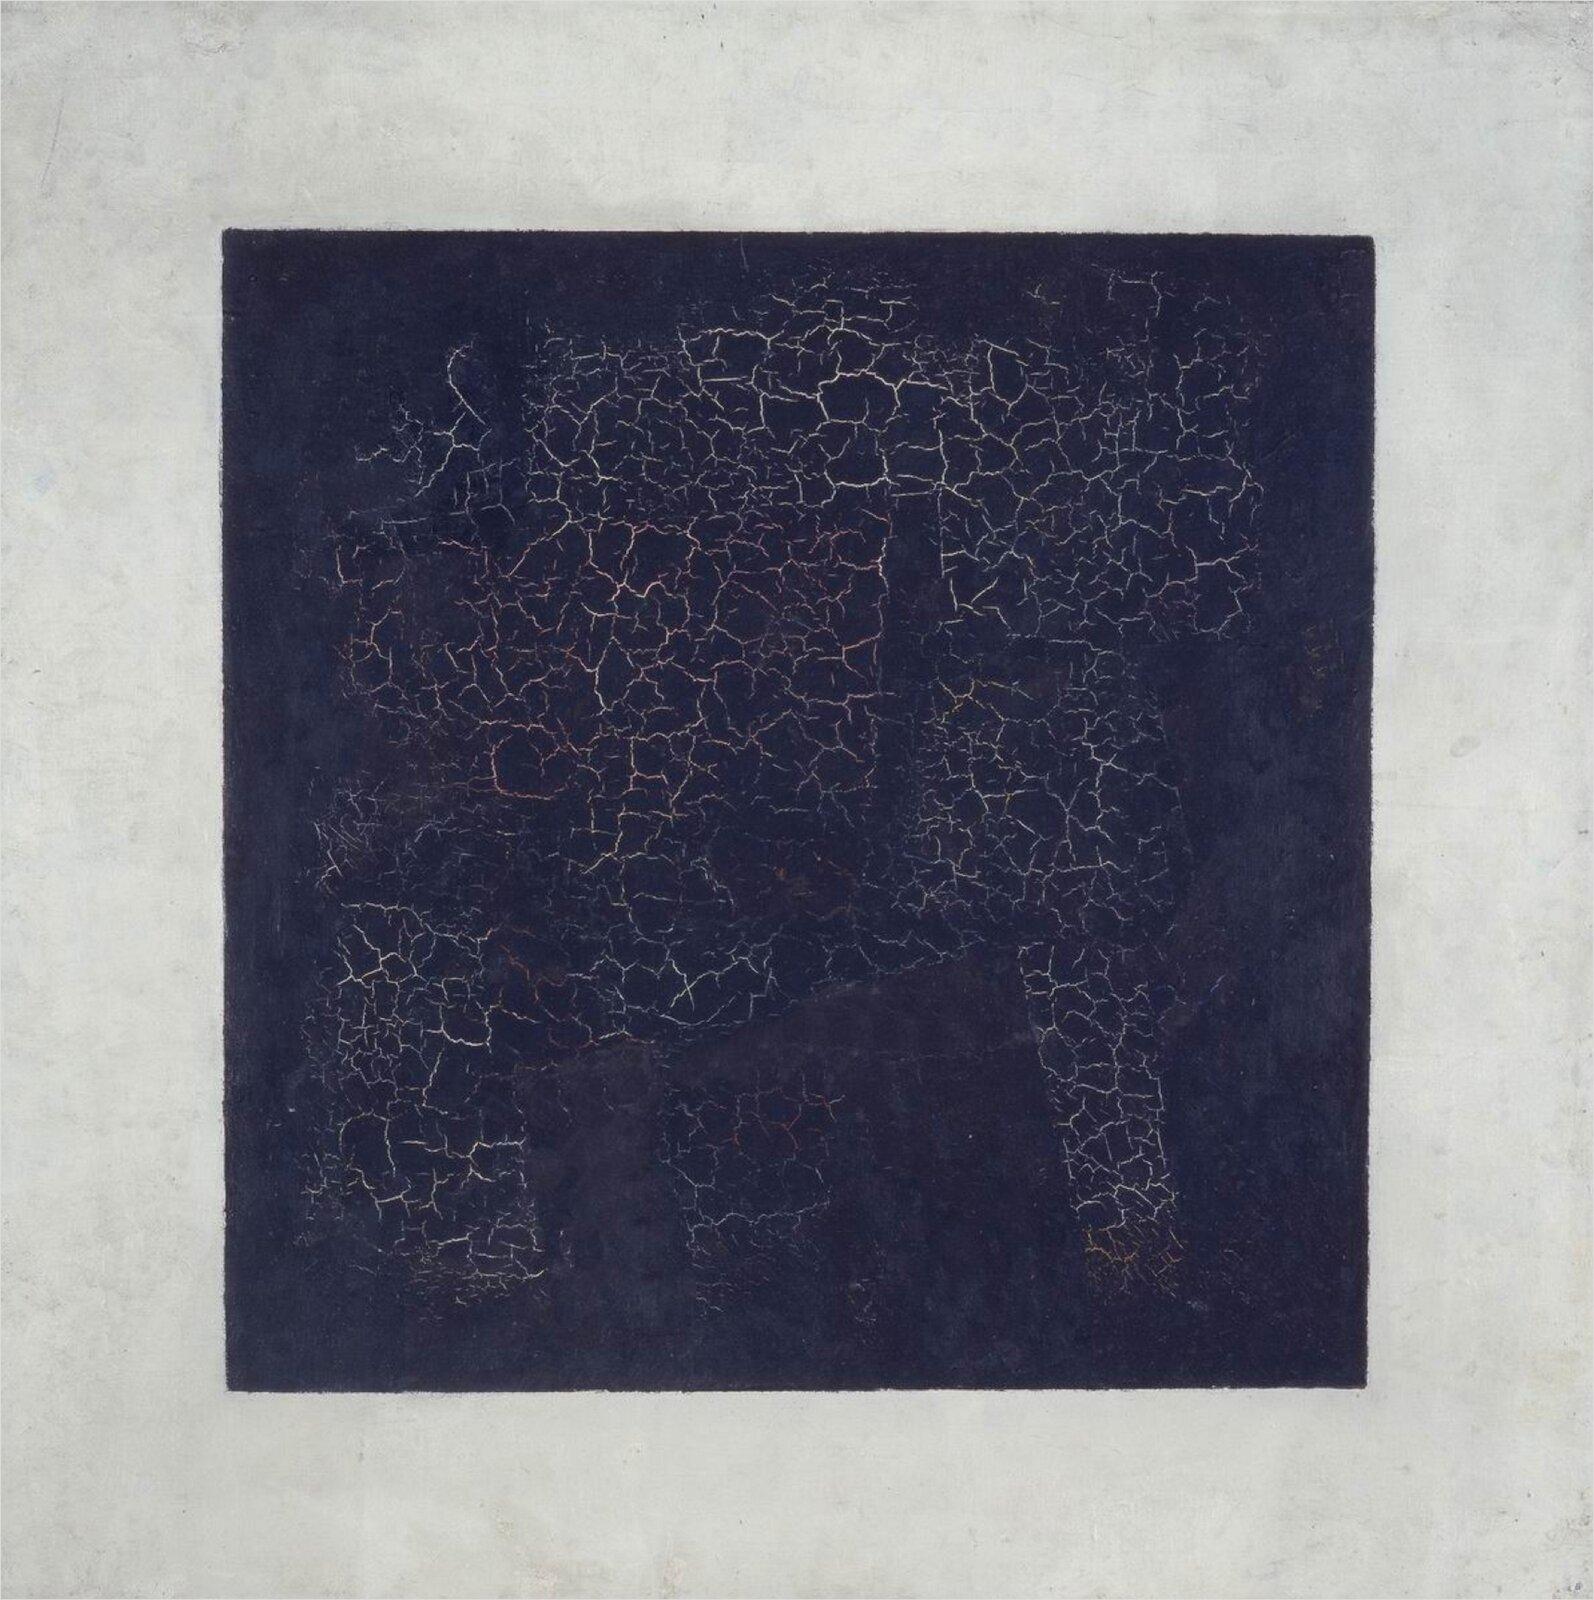 """Ilustracja przedstawia obraz Kazimierza Malewicza pt. """"Czarny kwadrat na białym polu. Ukazuje on ciemny kwadrat na jasnym tle. Wewnątrz kwadratu znajdują się białe rysy."""